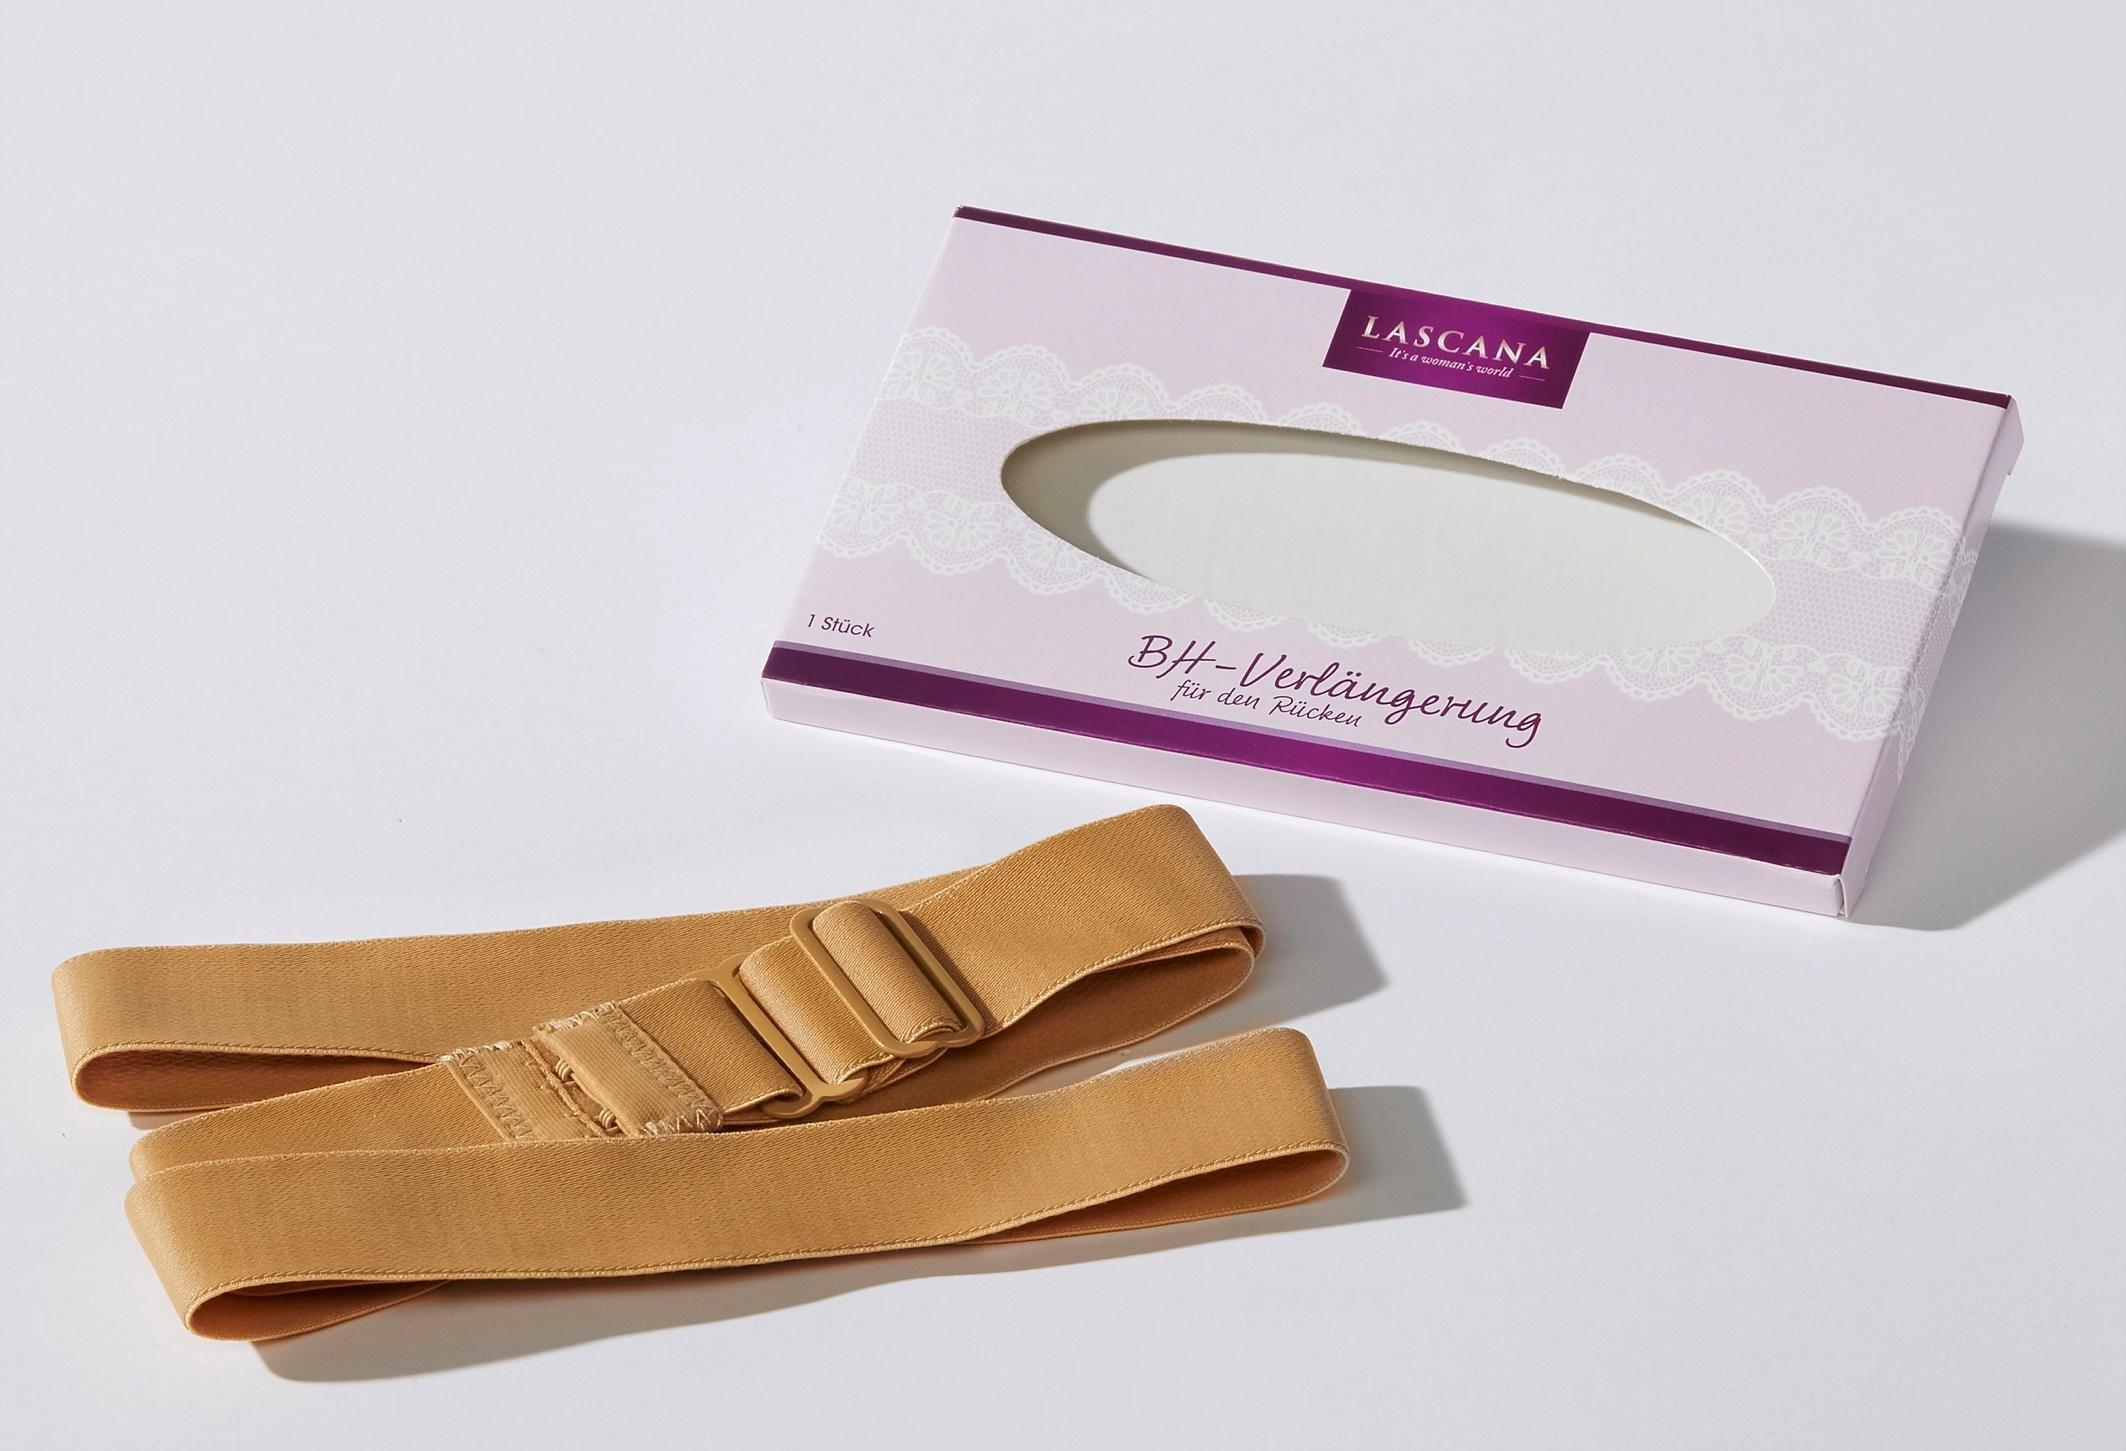 Lascana Bh-verlenging voor een diepe rug goedkoop op lascana.nl kopen